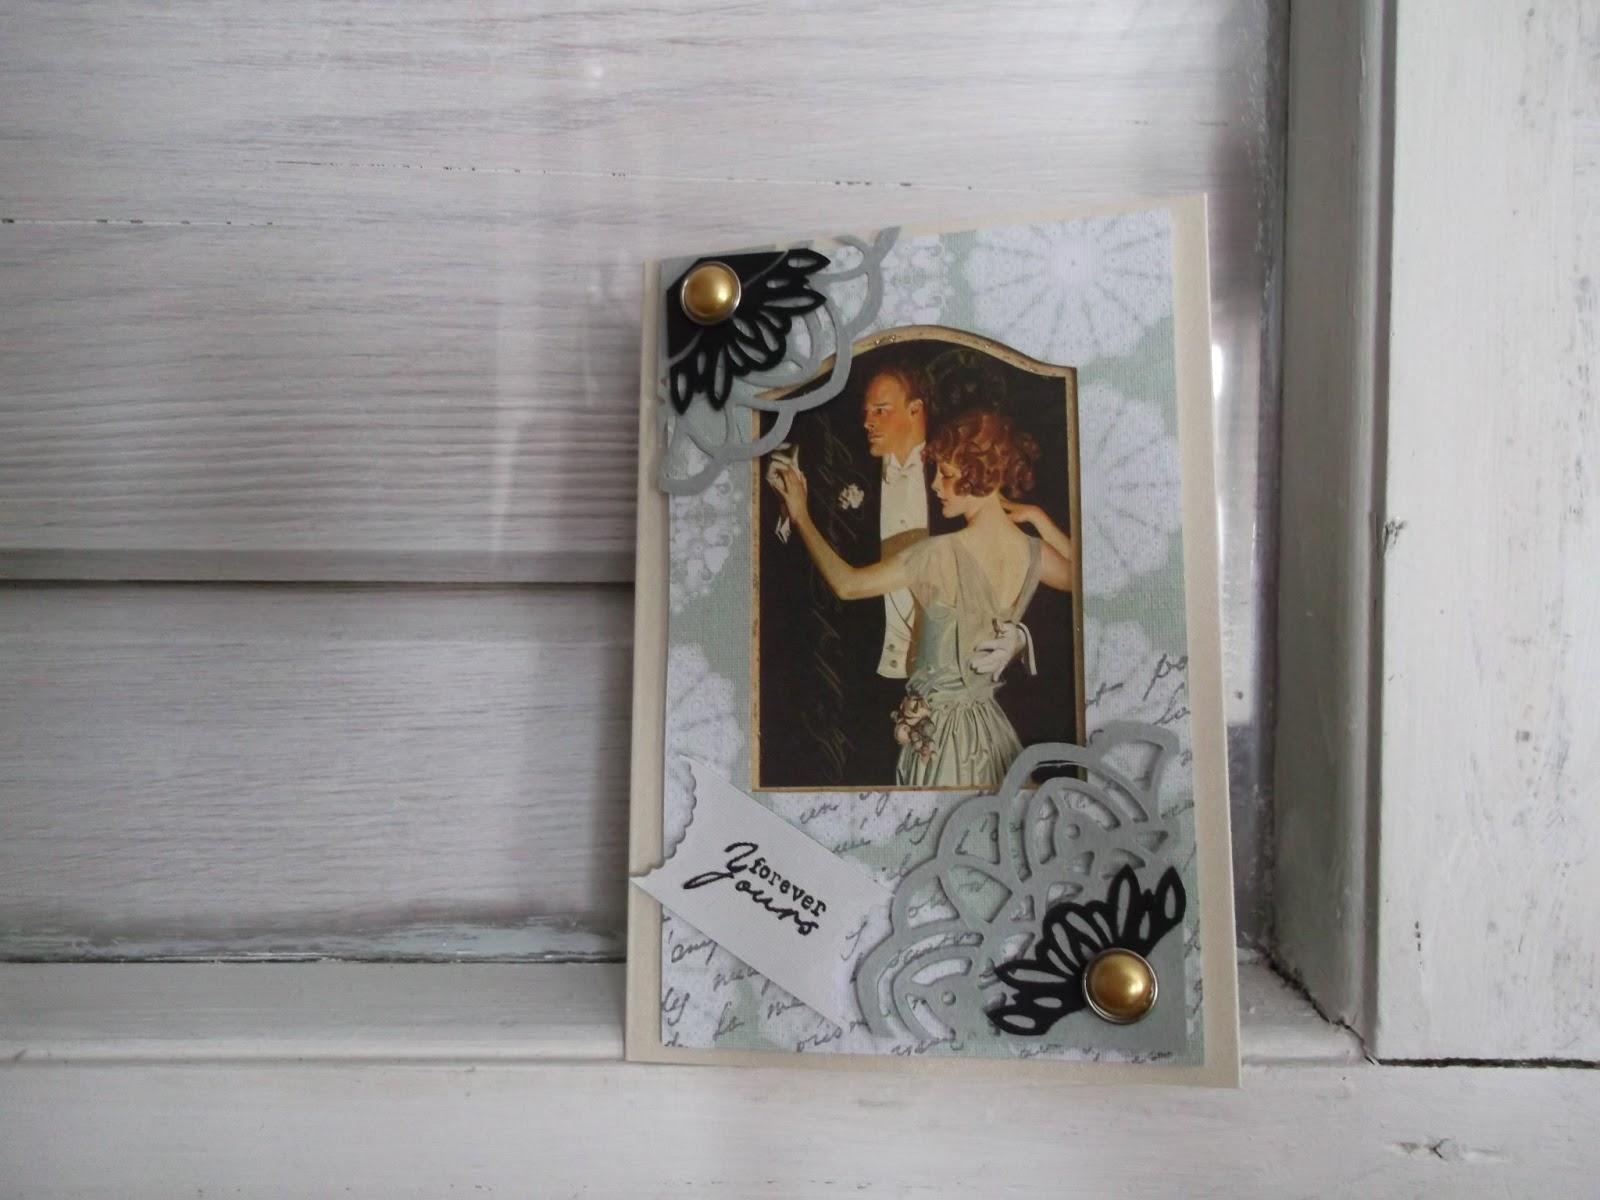 onnittelkortti parille, kuvassa tanssiva mies ja nainen